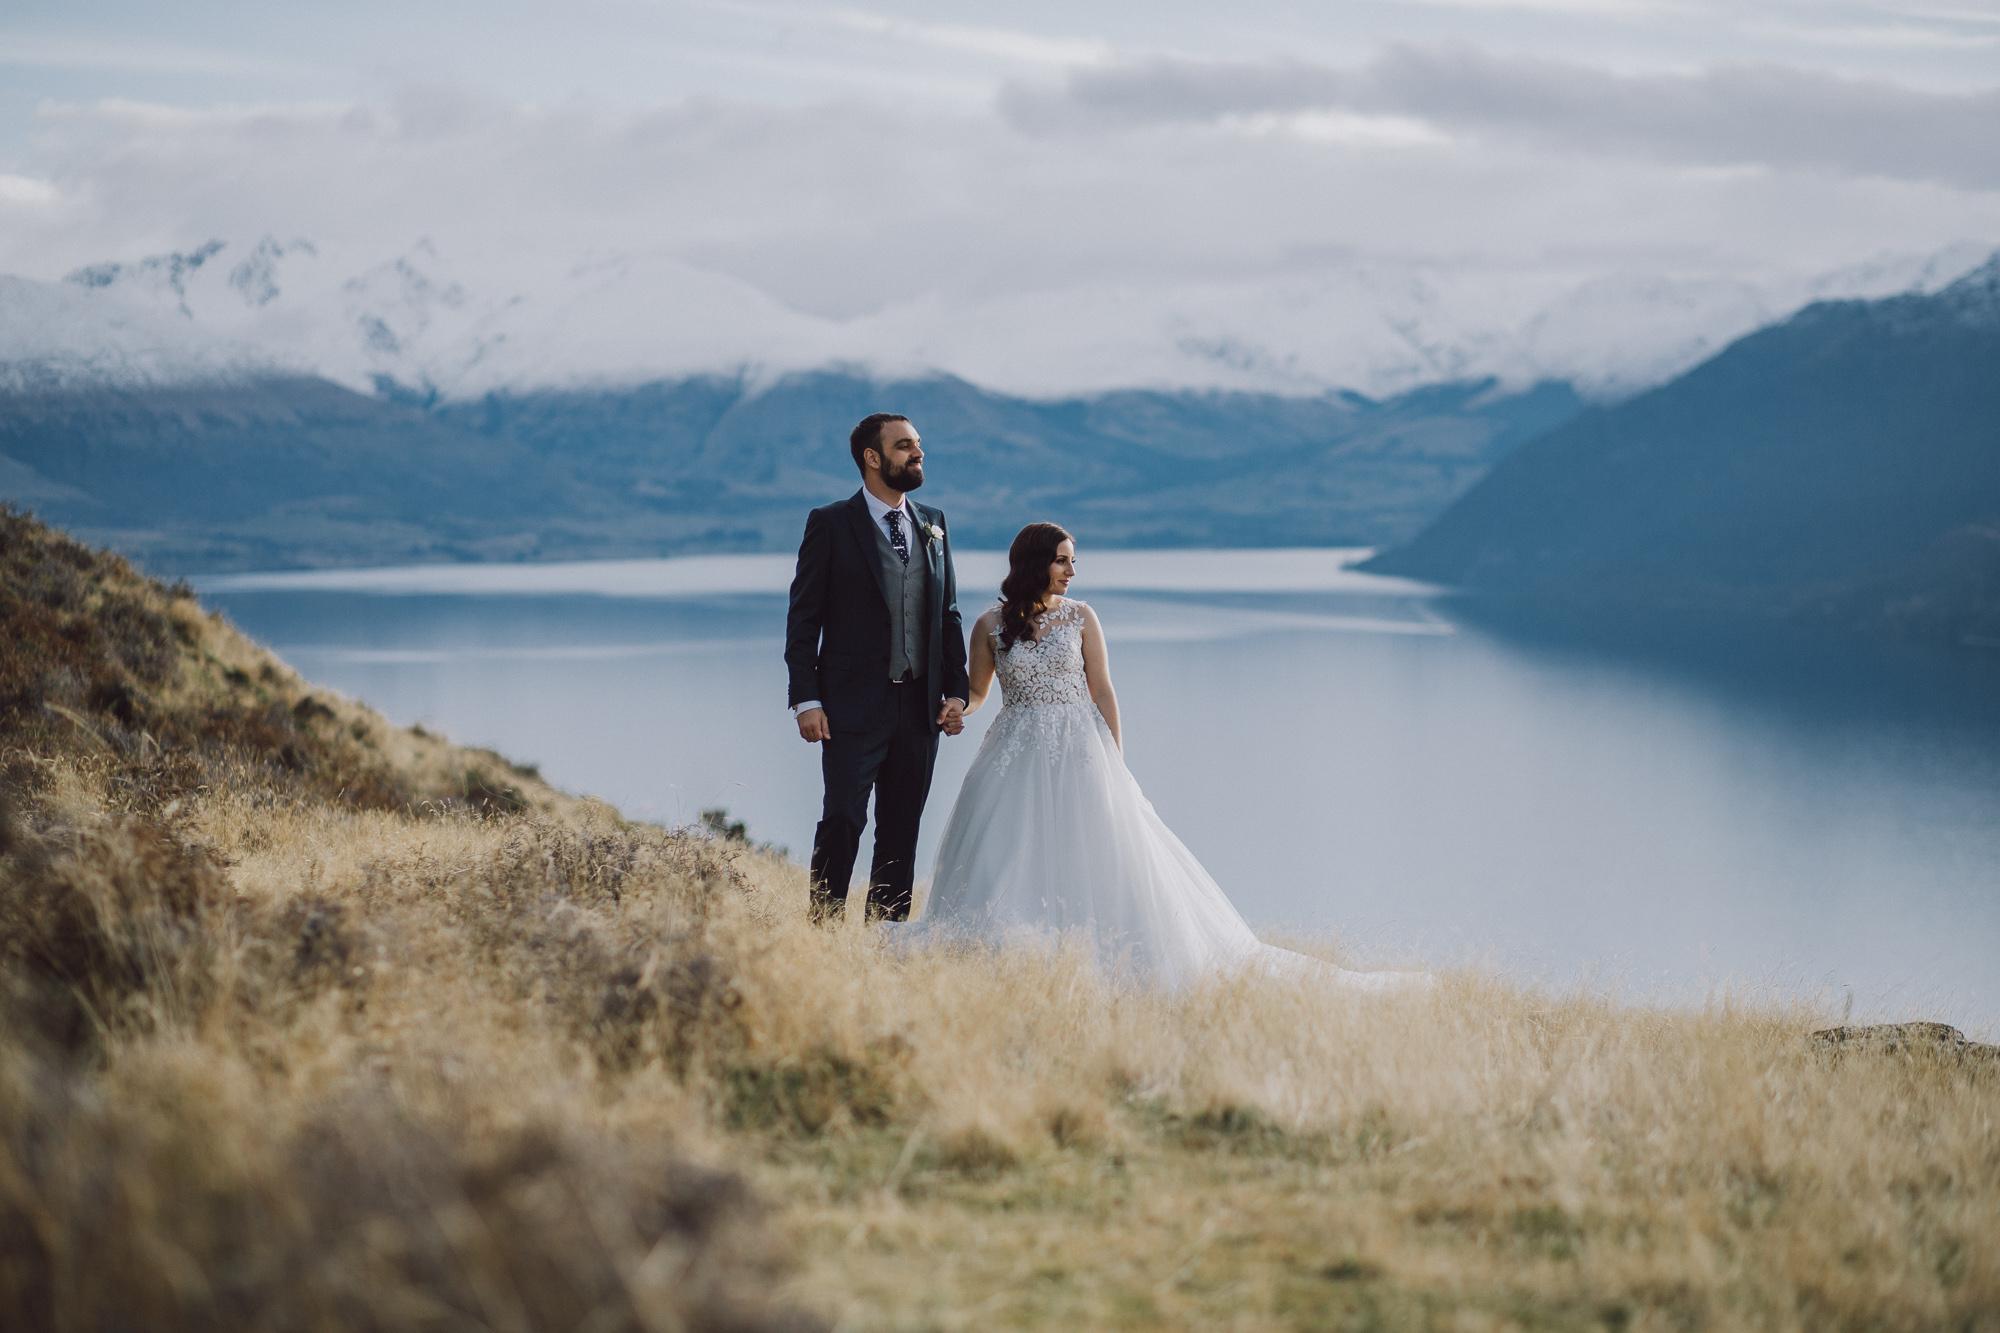 Cecil Peak Heli Wedding Mountain photos